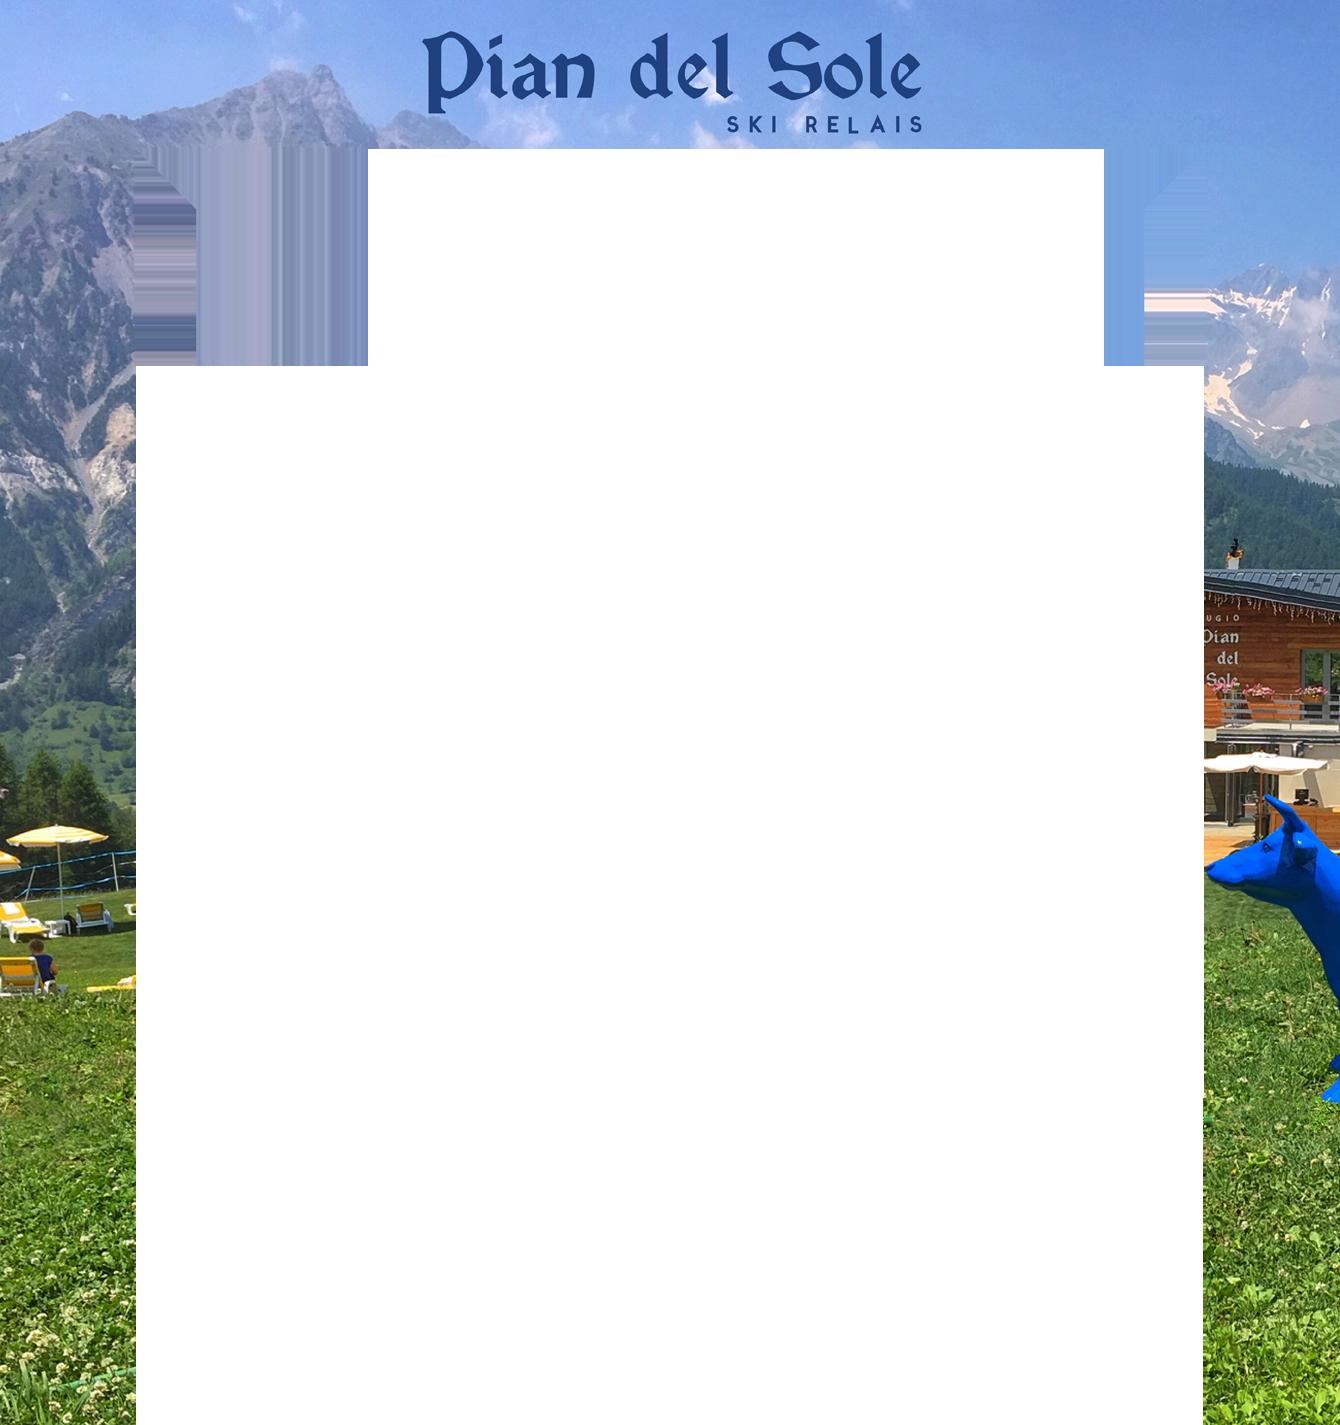 PIAN DEL SOLE 2